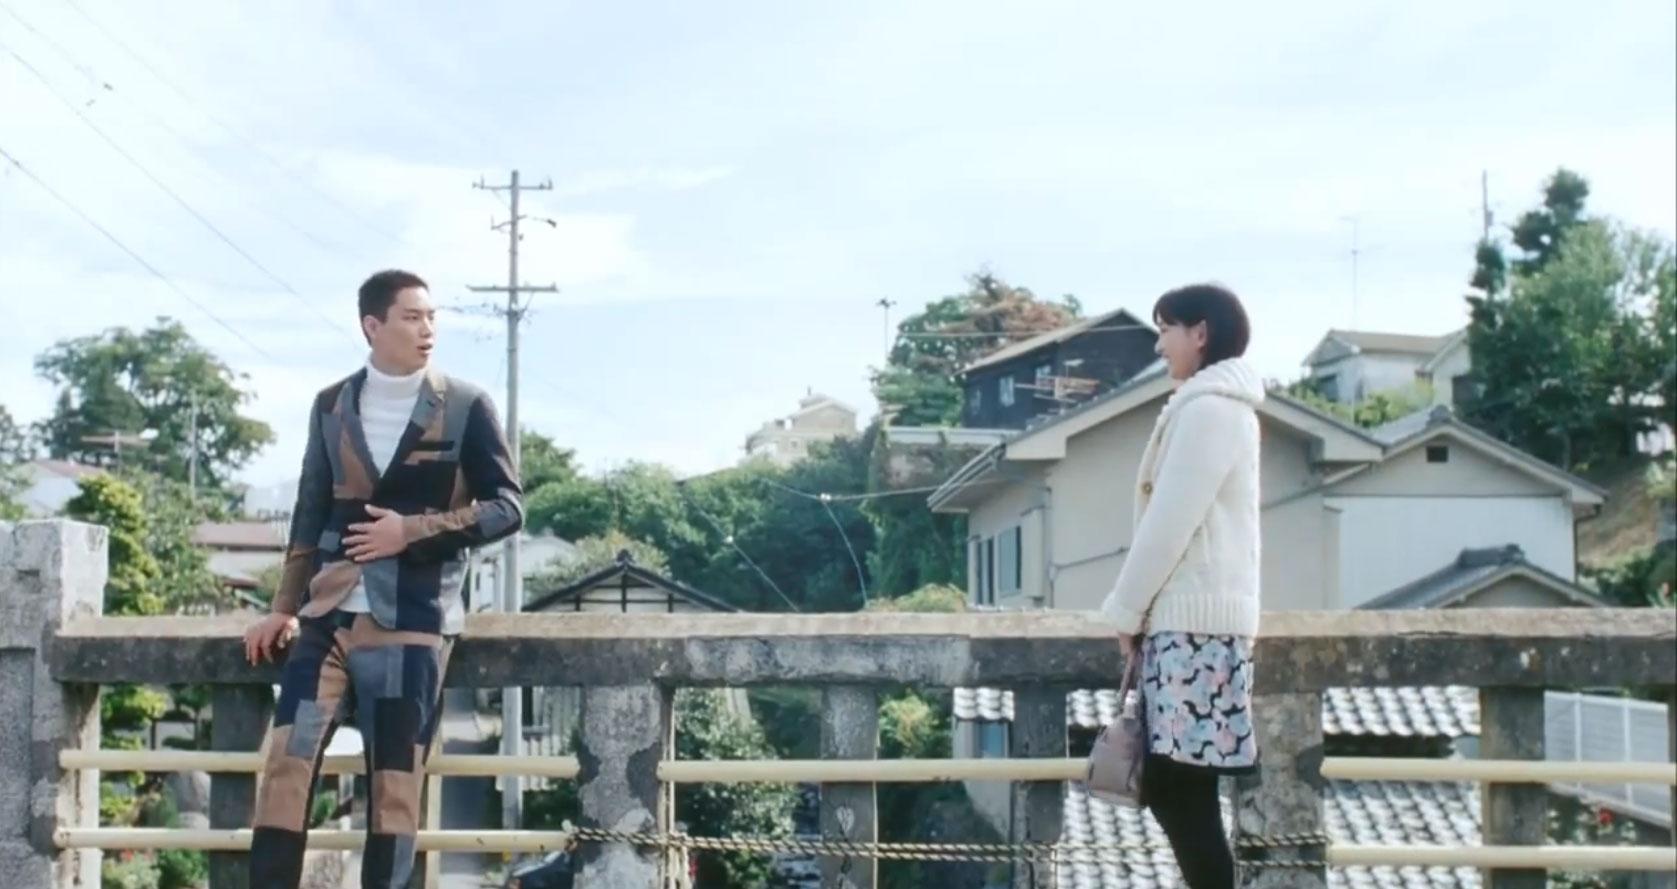 彼氏の問題のスーツ。 鈴木伸之さんはかっこよく着こなしているが…